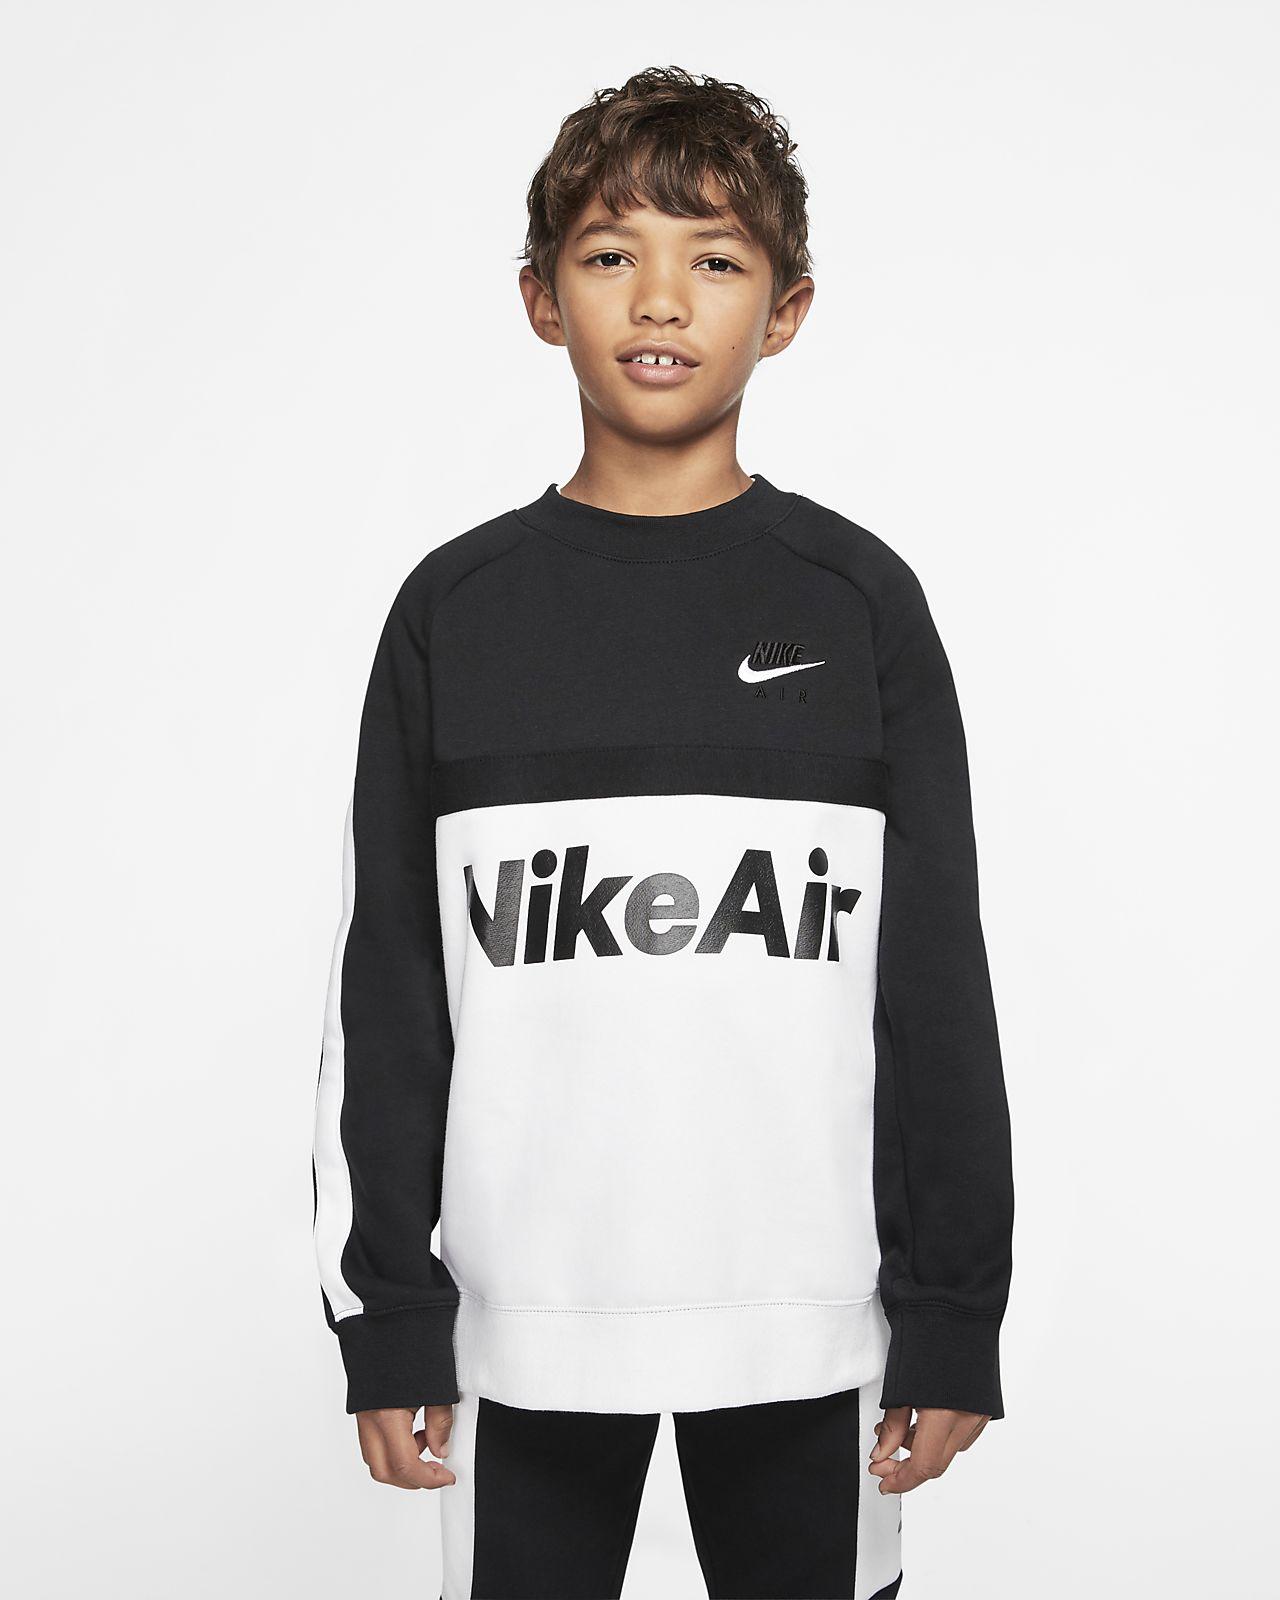 bluza nike dla chłopca